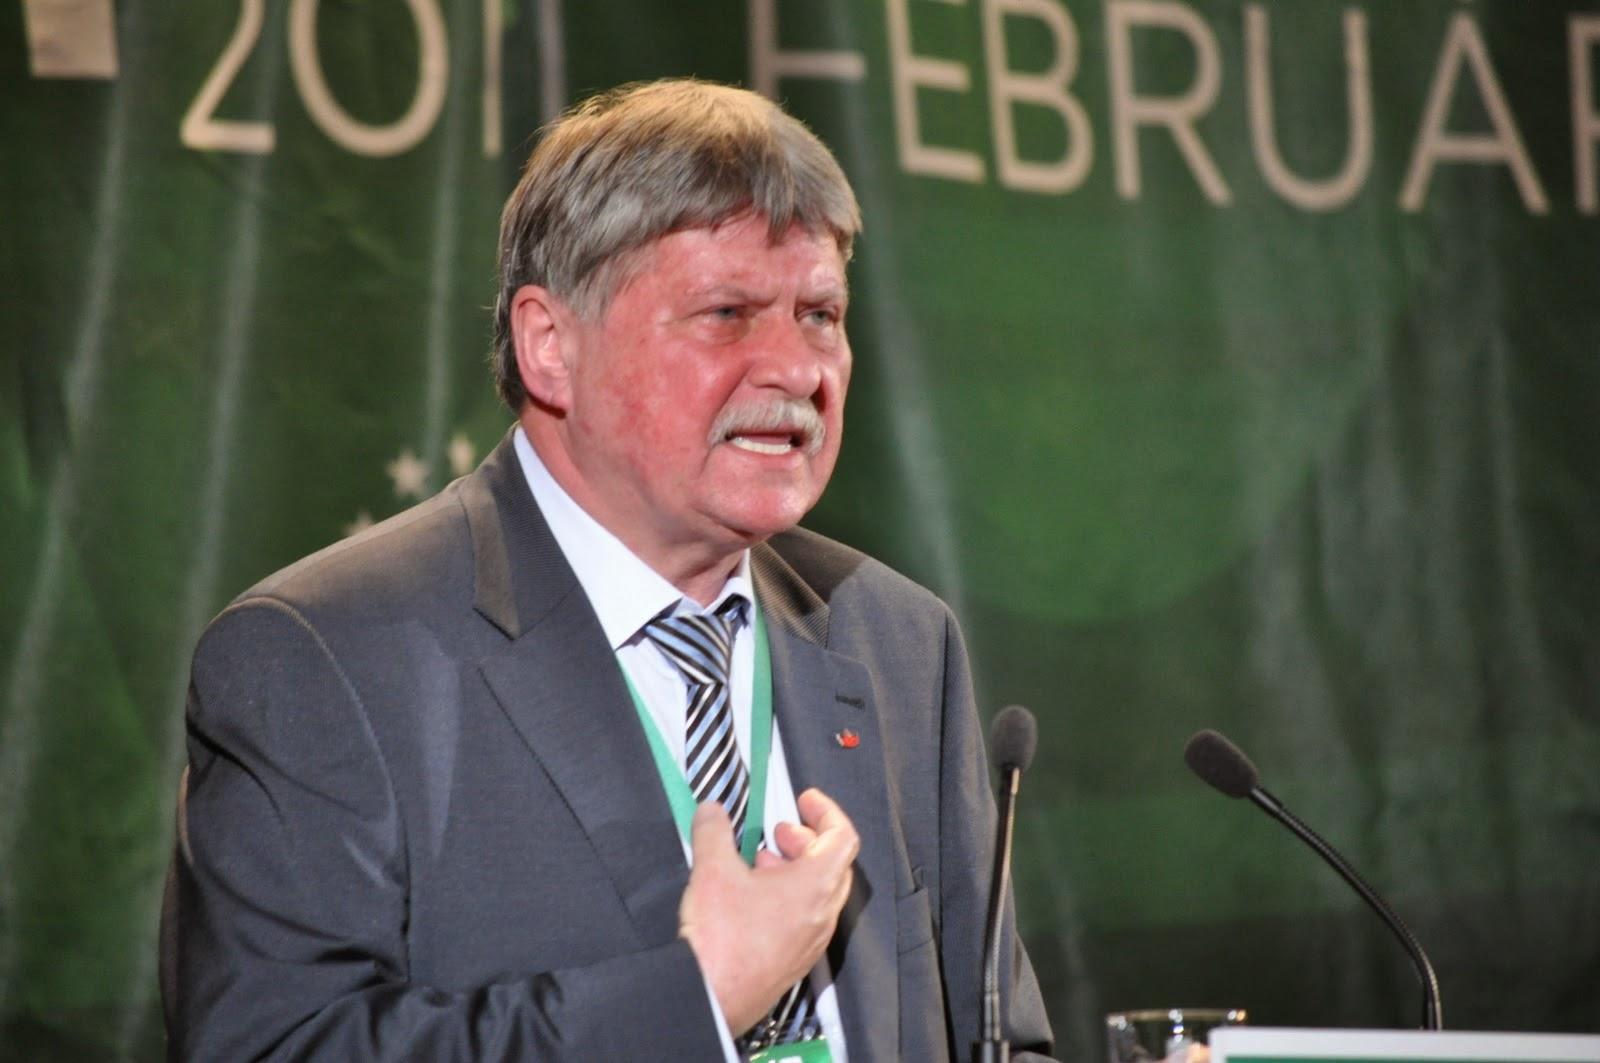 Verestóy Attila, DNA, Viorel Hrebenciuc, erdőirtás, erdő-visszaszolgáltatás, románia, korrupció,